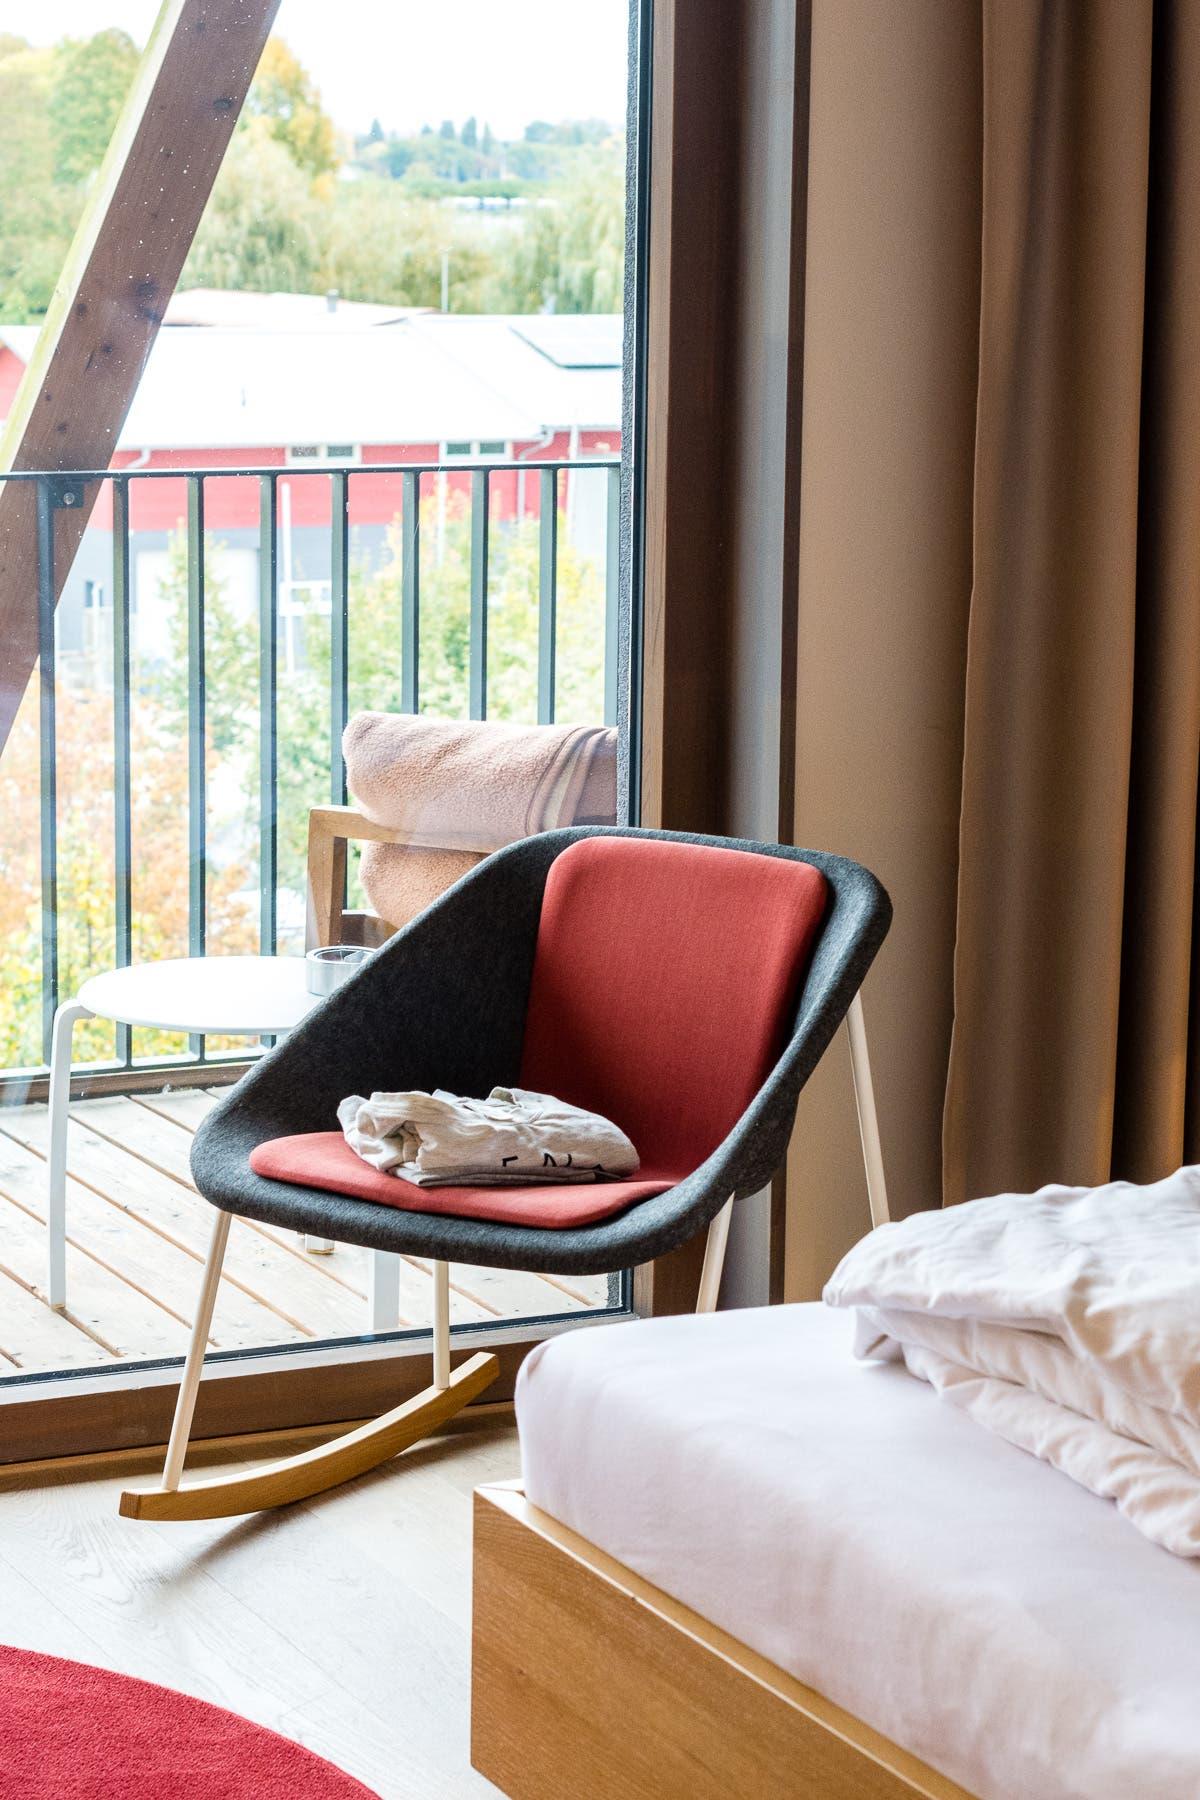 Schaukelstuhl vor einem bodentiefen Fenster mit Balkon.